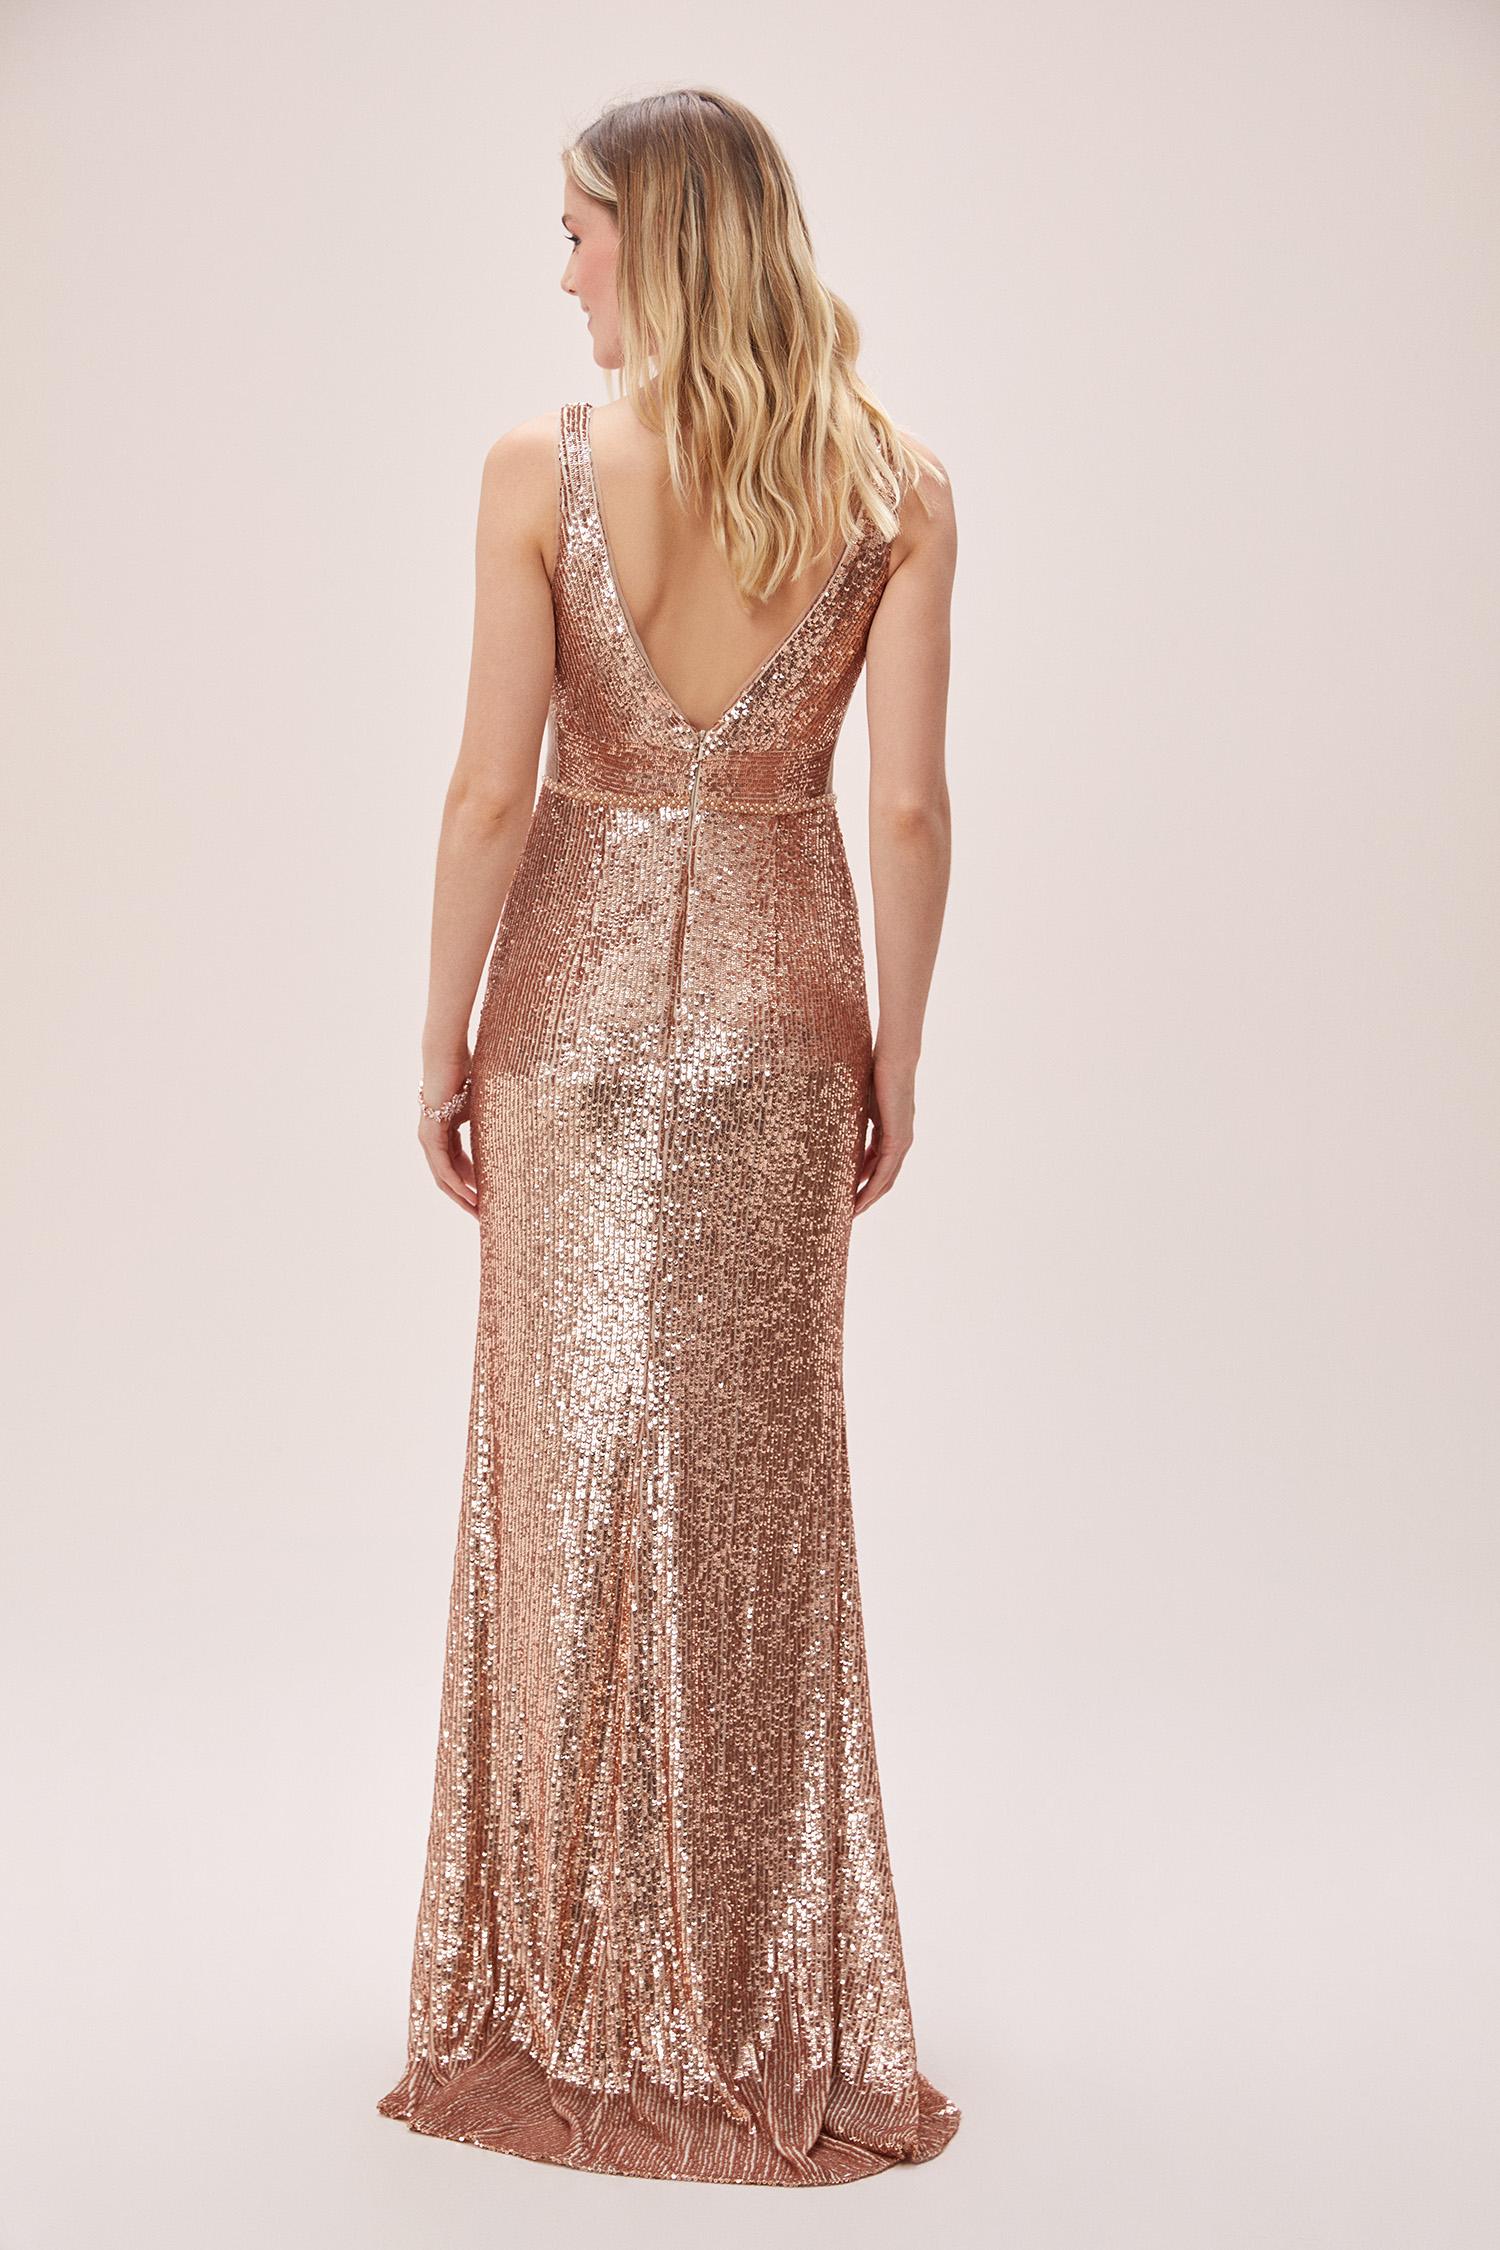 Gold Payet İşlemeli Derin V Yaka Askılı Uzun Abiye Elbise - Thumbnail